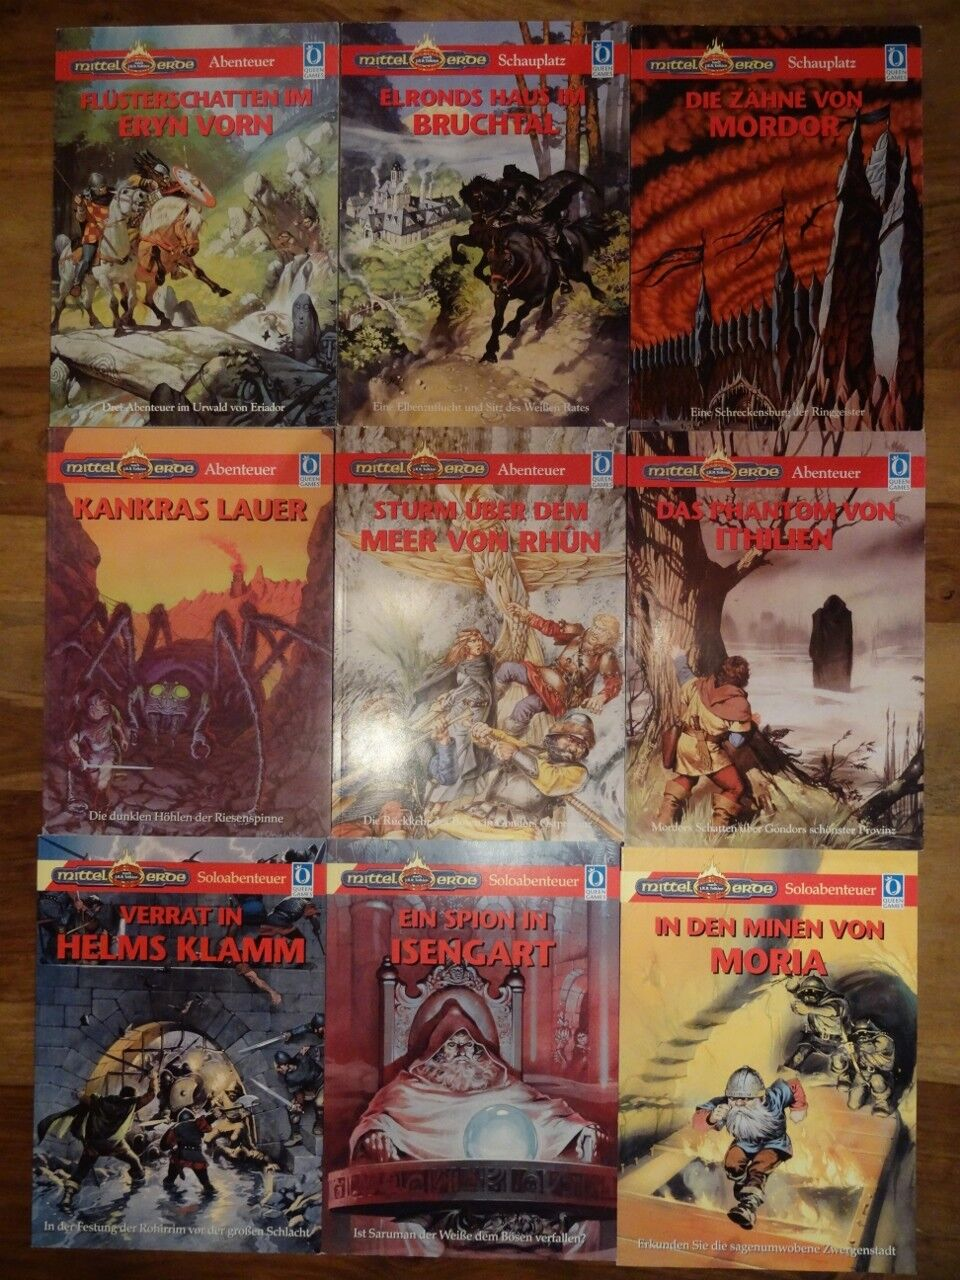 Diverse MERS Abenteuer Bände zur Auswahl (MERS, MERP, Rolemaster, Queen Games)